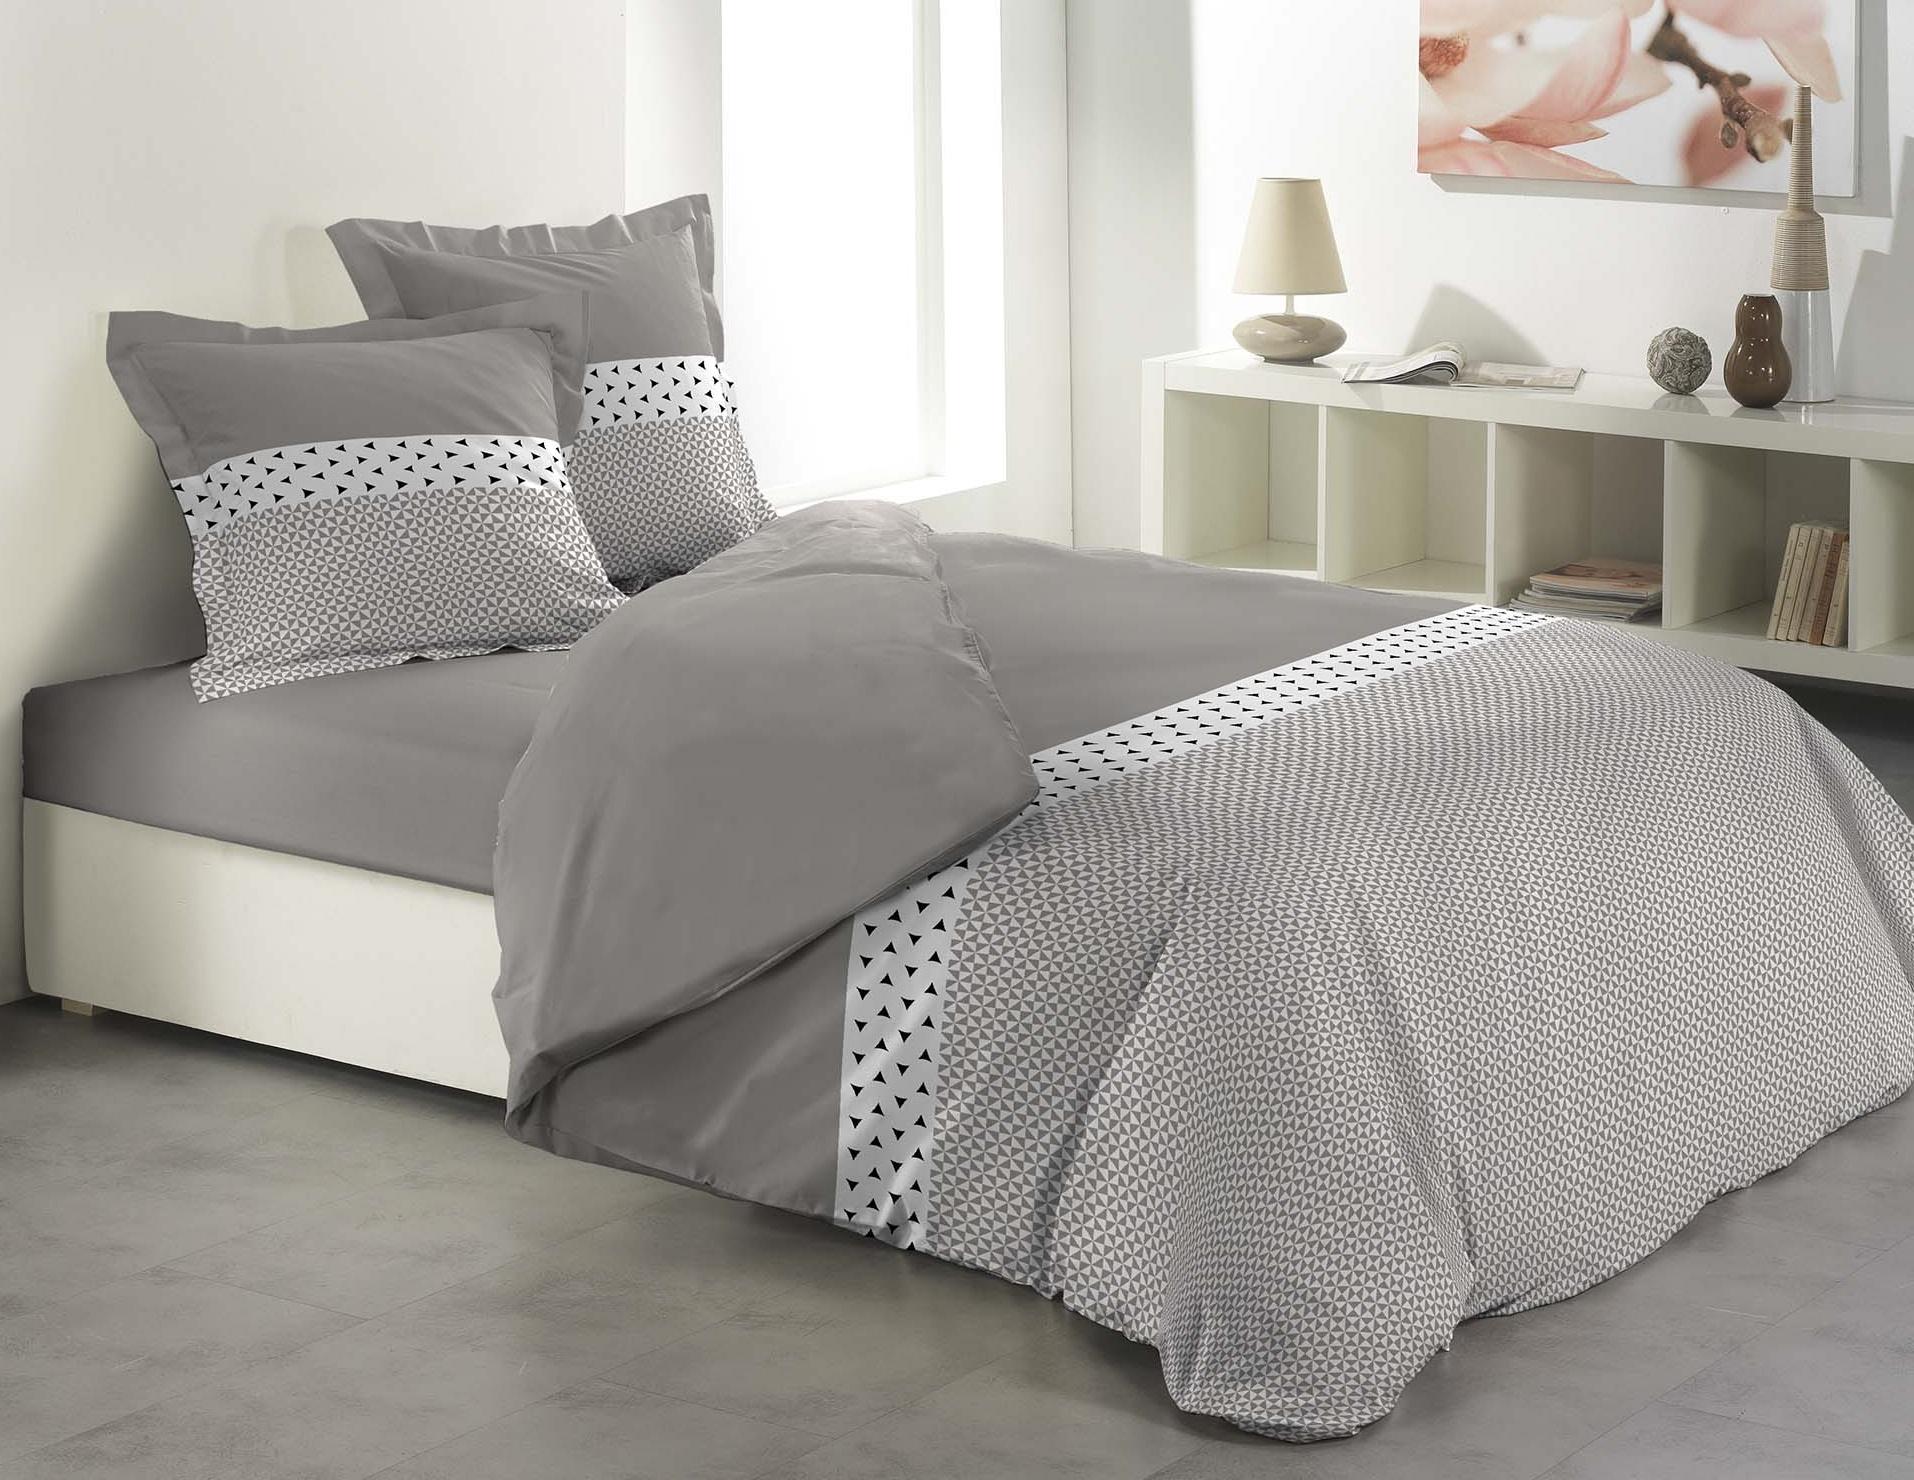 3tlg Wende Bettwäsche 260x240 Baumwolle Bettdecke übergröße